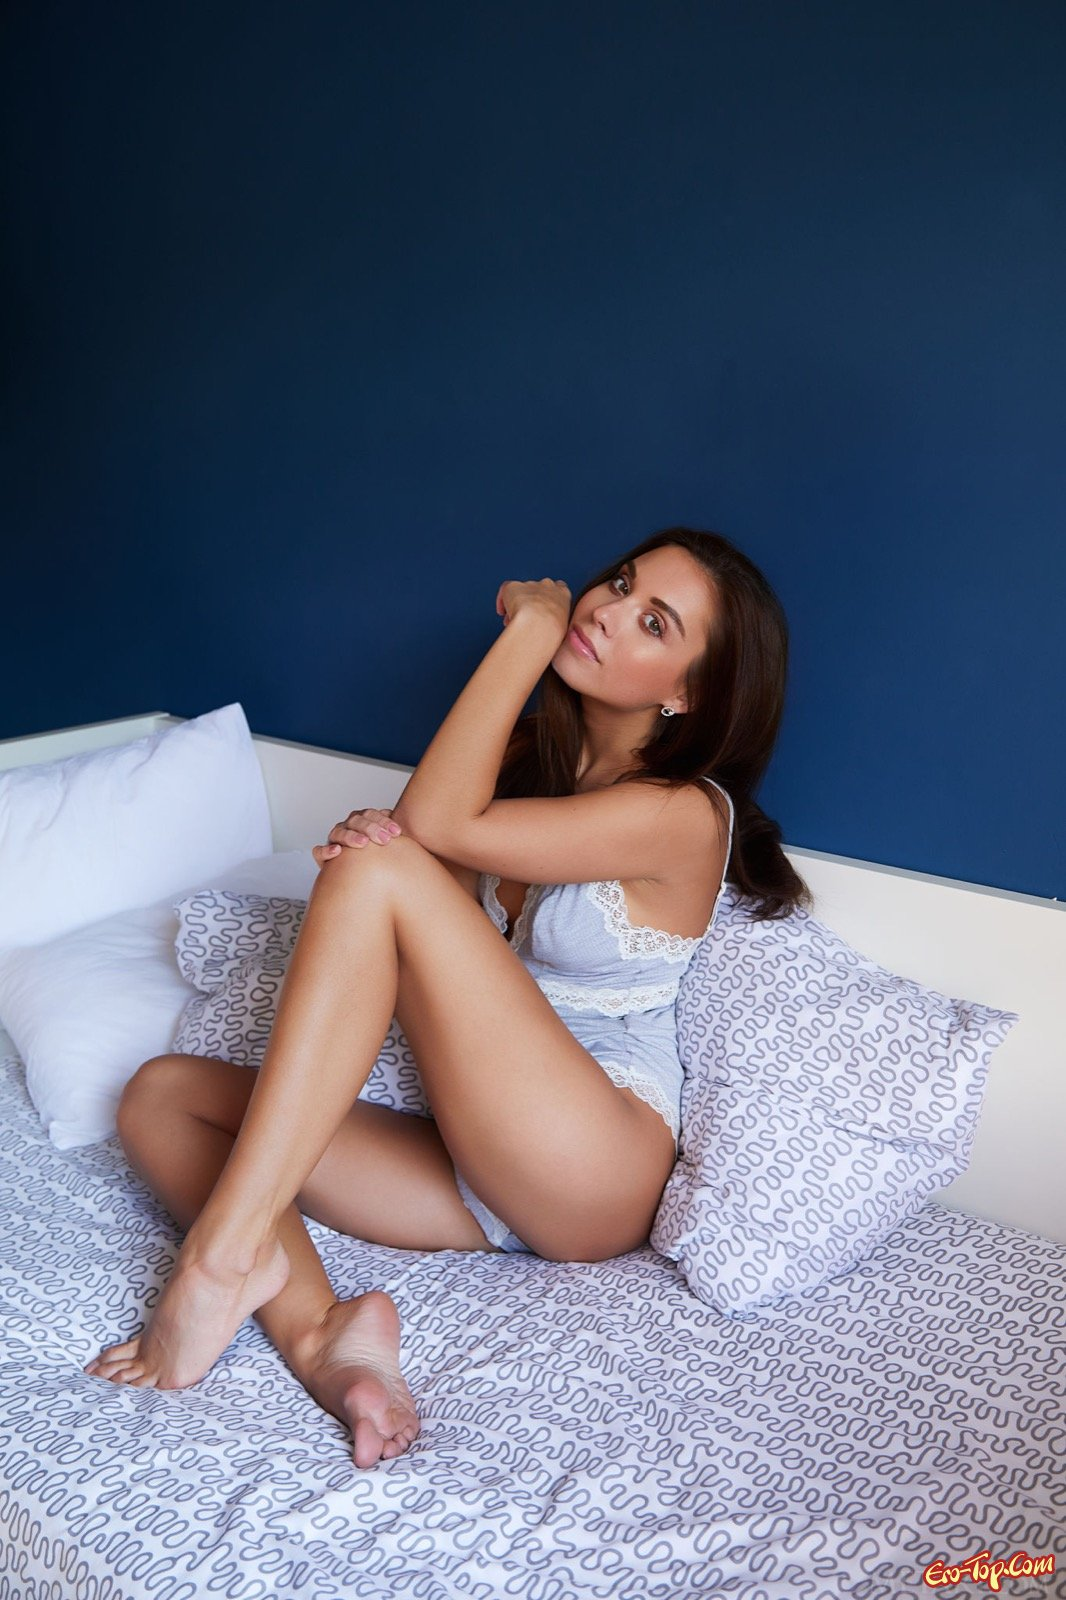 Сексуальная красоточка раздвигает ухоженные ноги